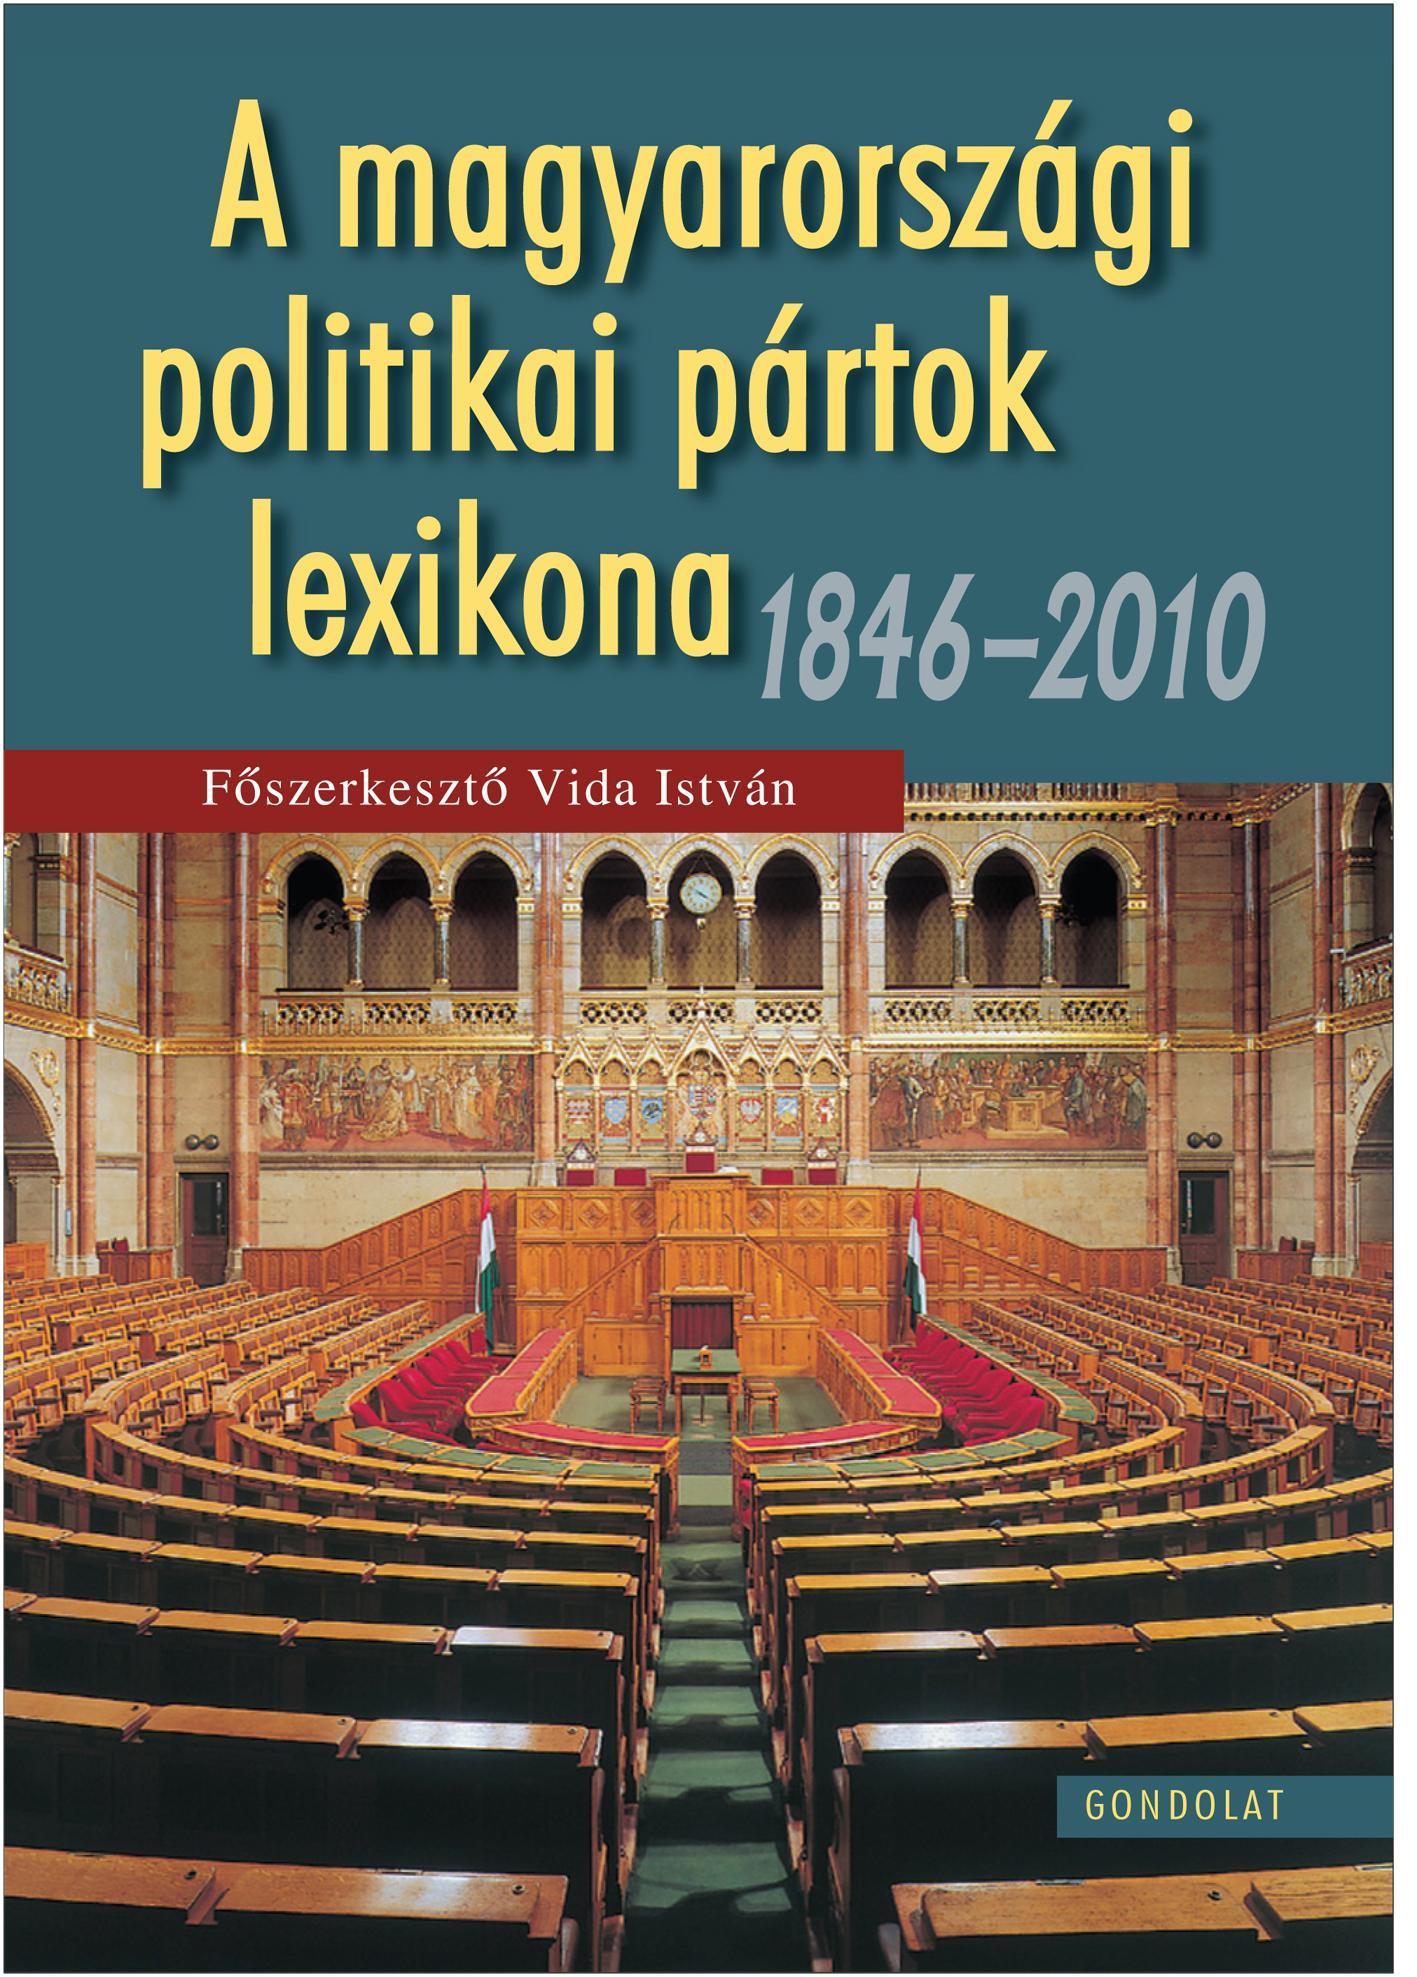 VIDA ISTVÁN - MAGYARORSZÁGI POLITIKAI PÁRTOK LEXIKONA - 1846-2010